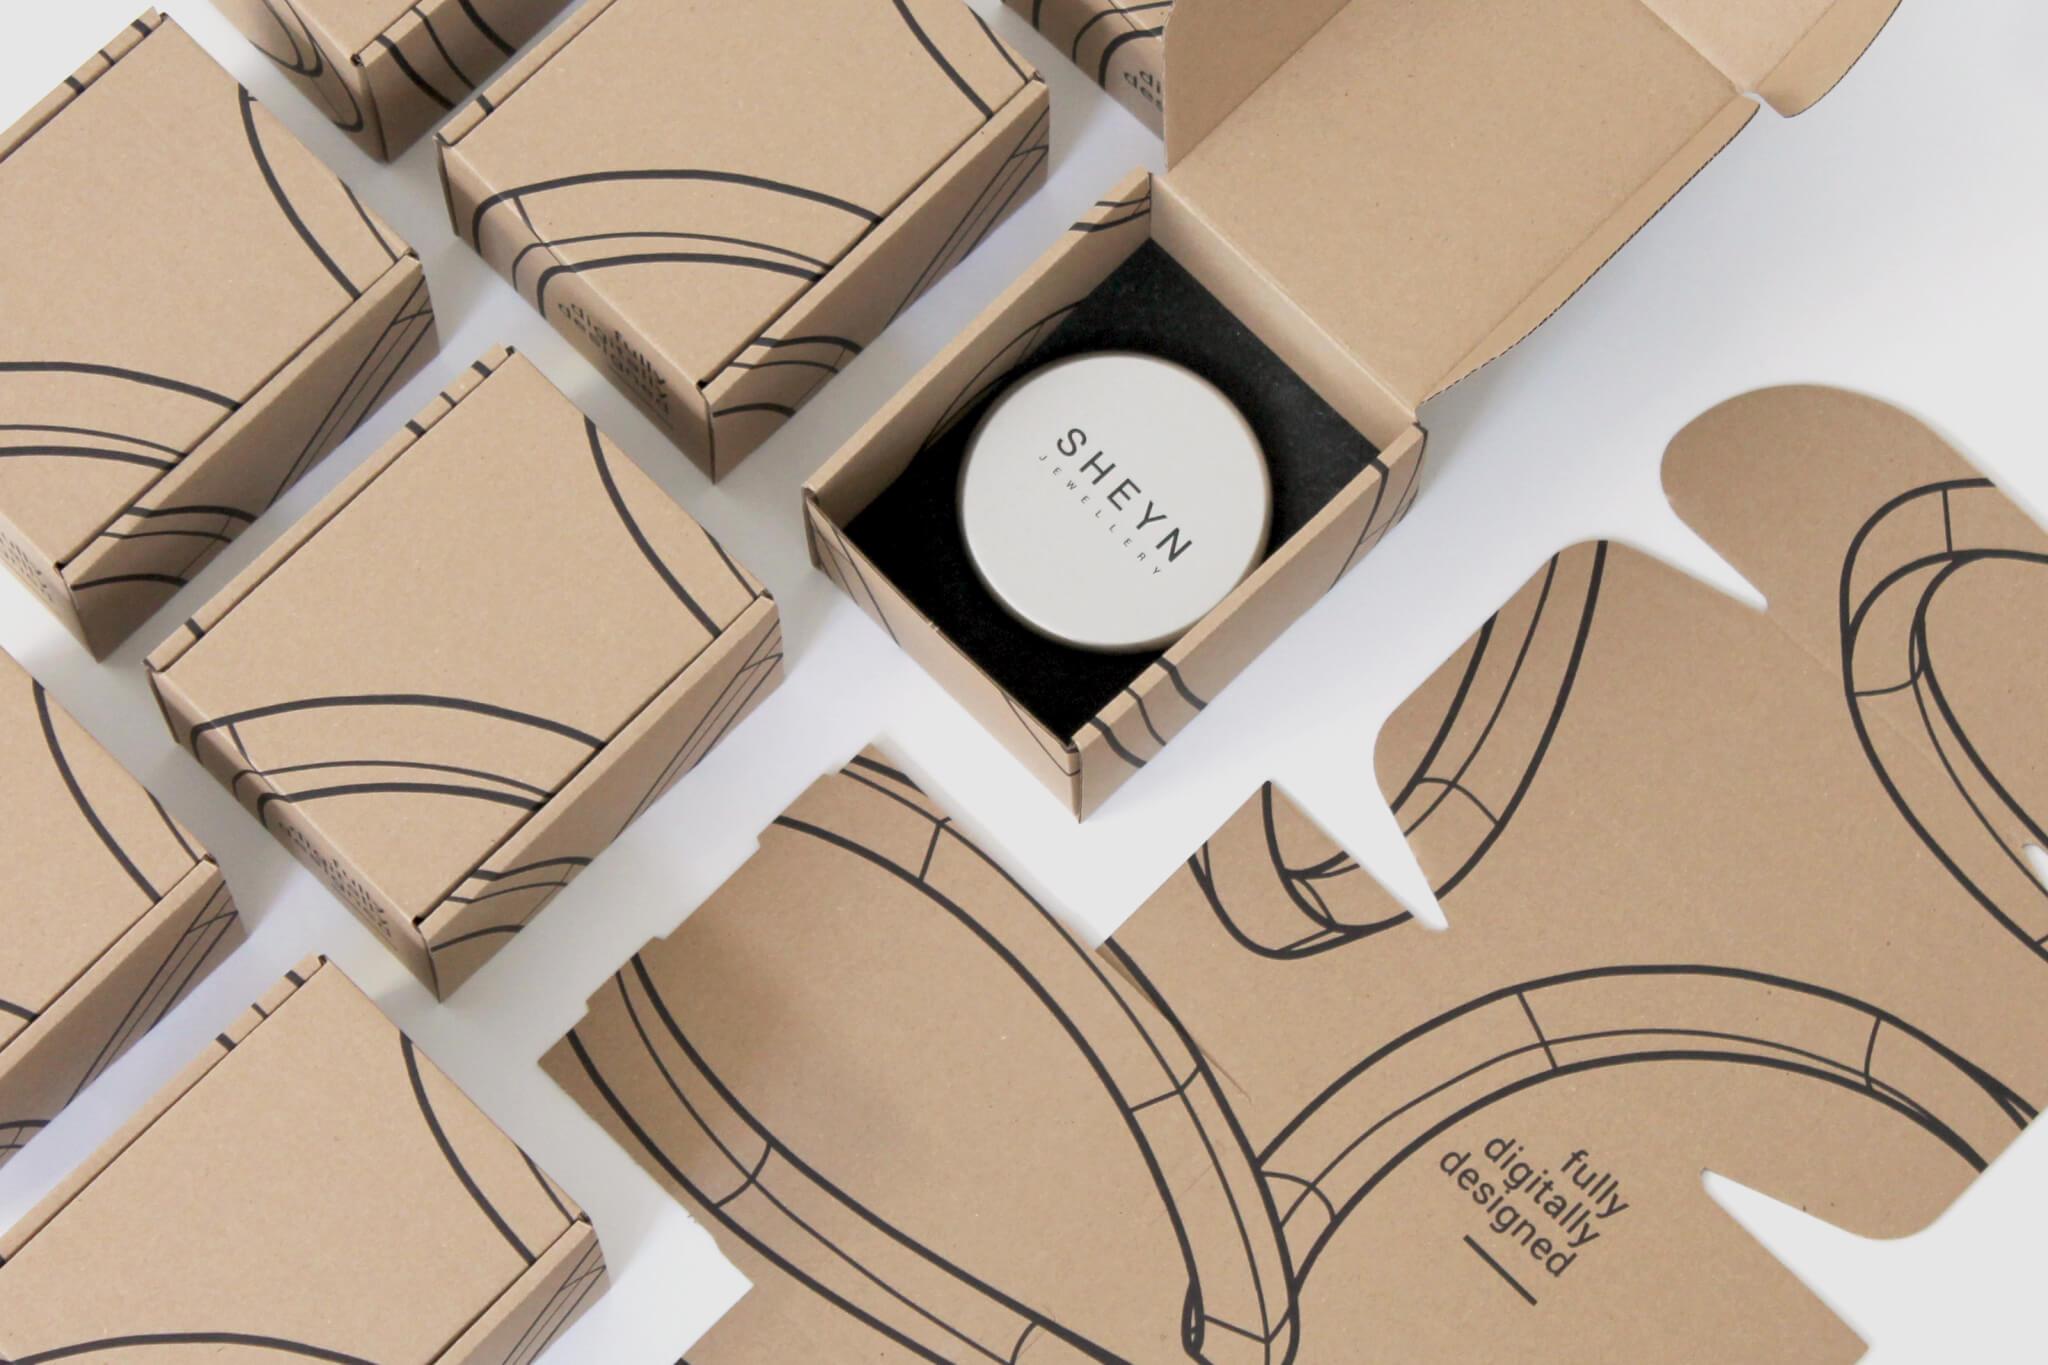 las cajas de cartón contribuyen a tener una empresa ecológica